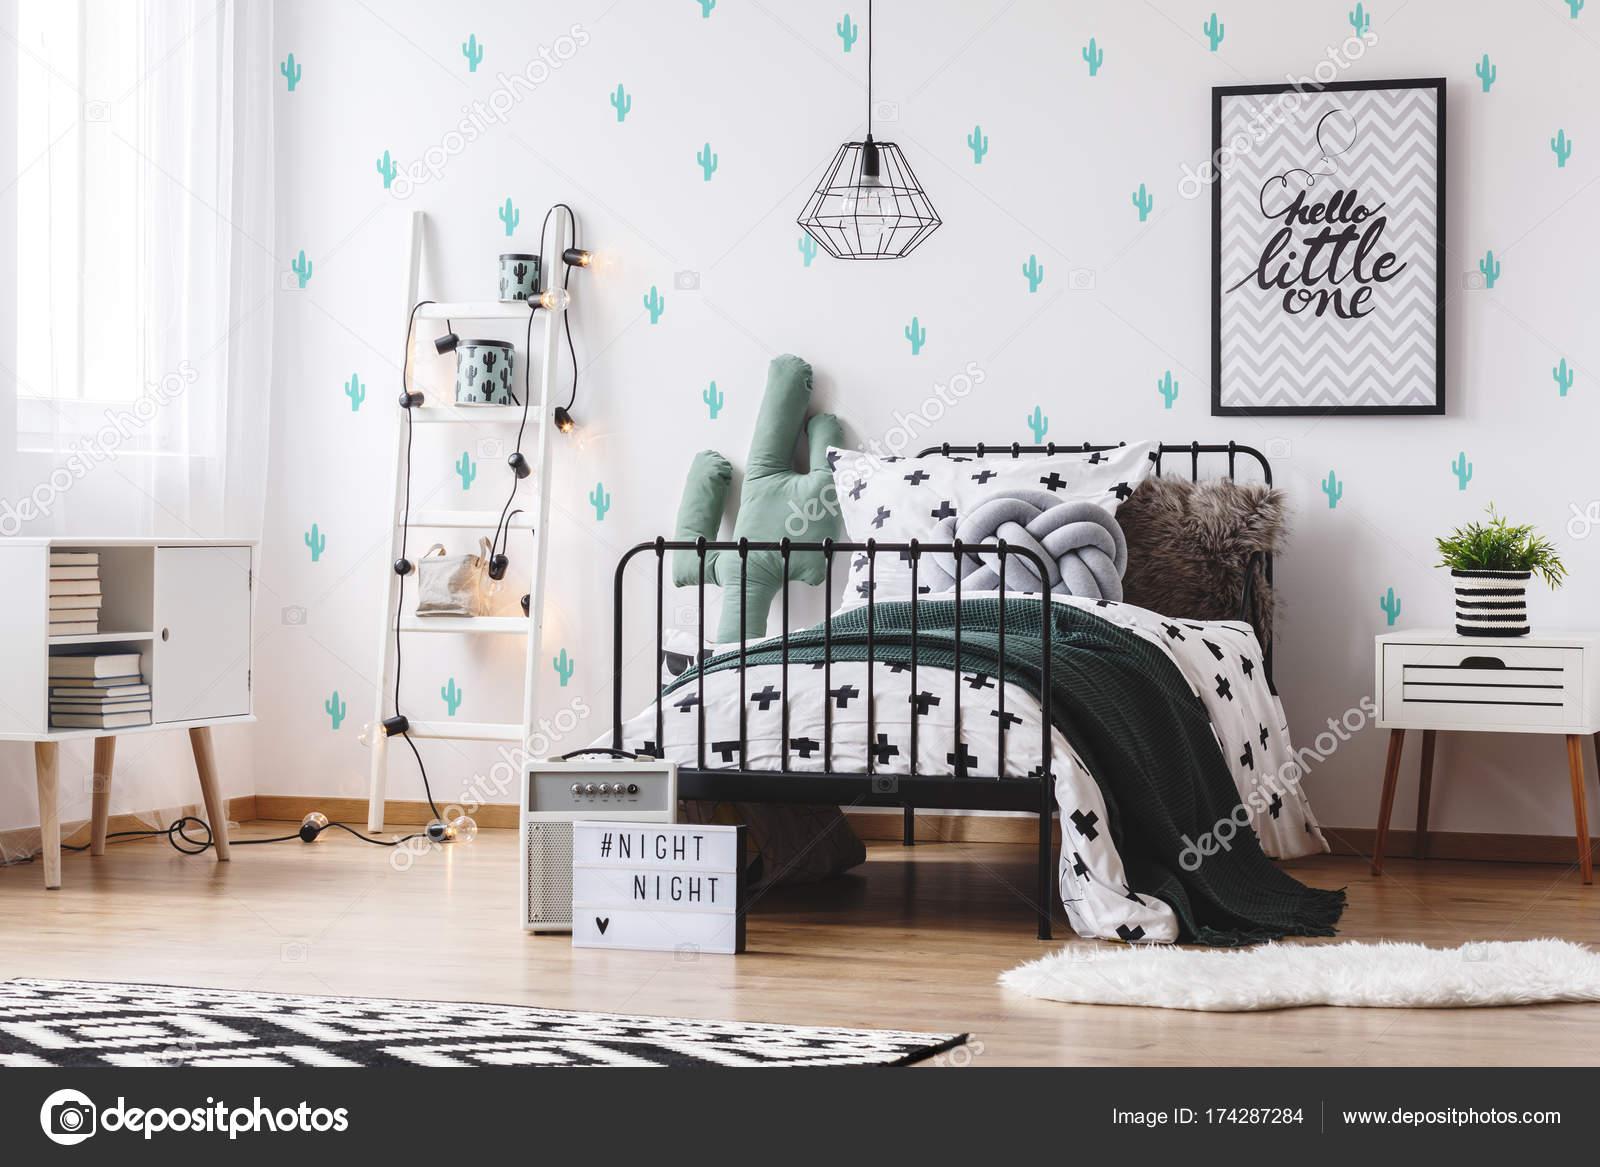 https://st3.depositphotos.com/2249091/17428/i/1600/depositphotos_174287284-stockafbeelding-slaapkamer-met-schattige-cactus-behang.jpg